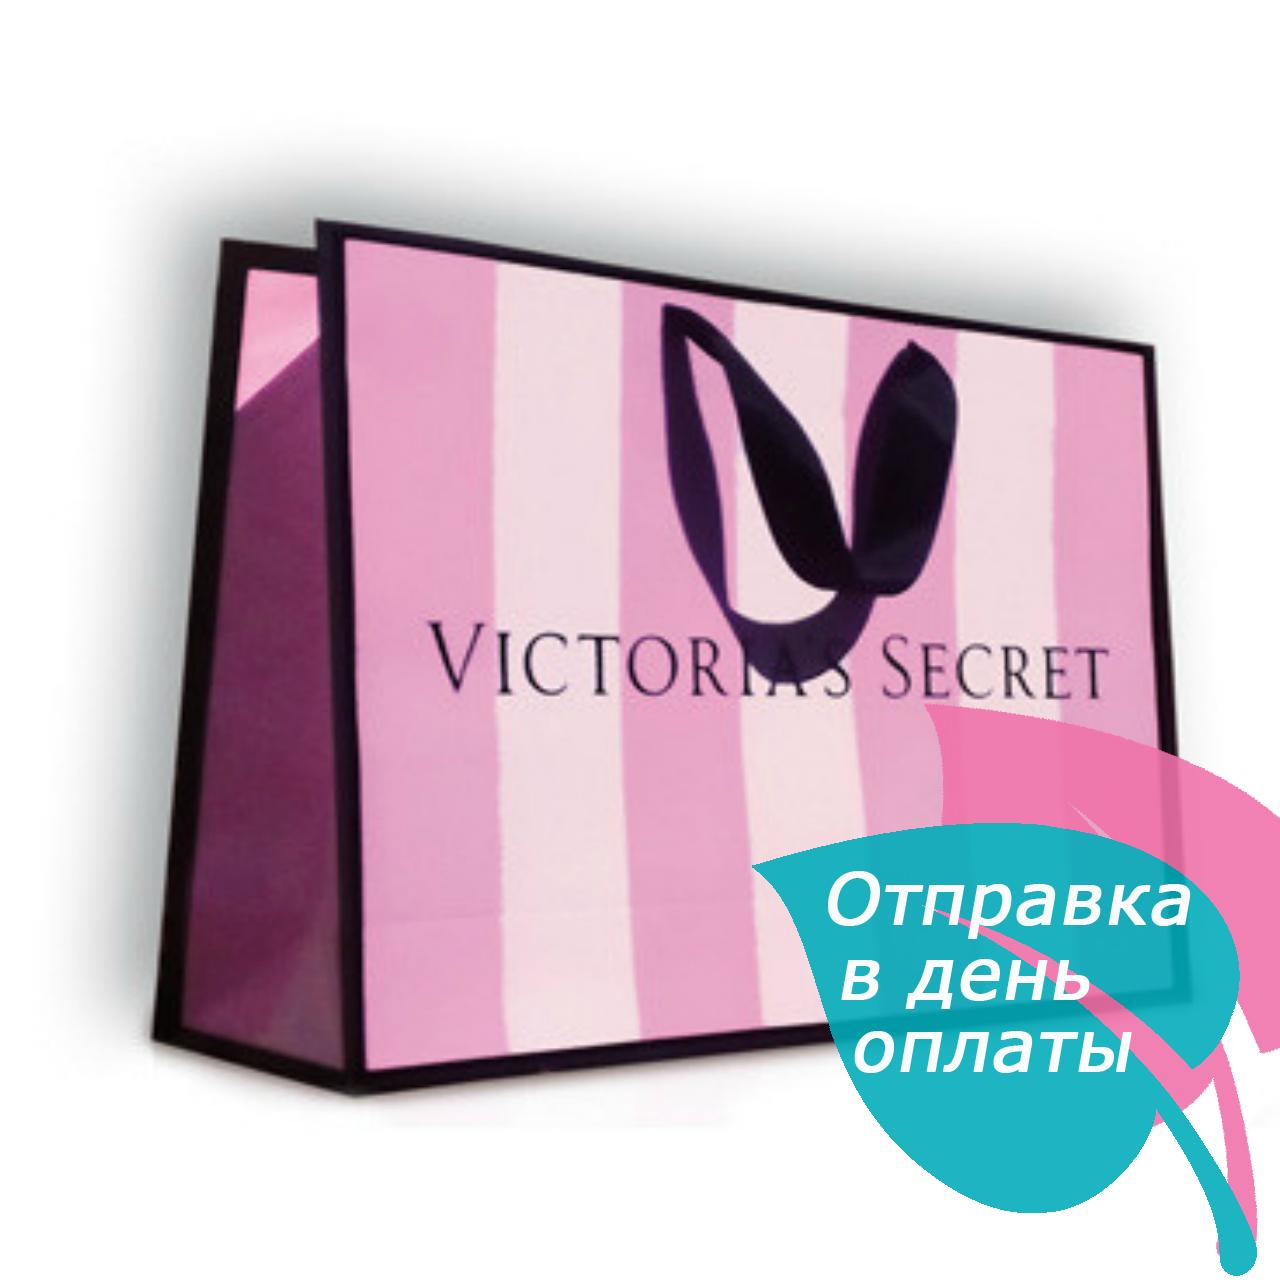 0a684204e101f Подарочный пакет Victoria's Secret, стандартный размер -  Mir-kosmetik.com.ua в